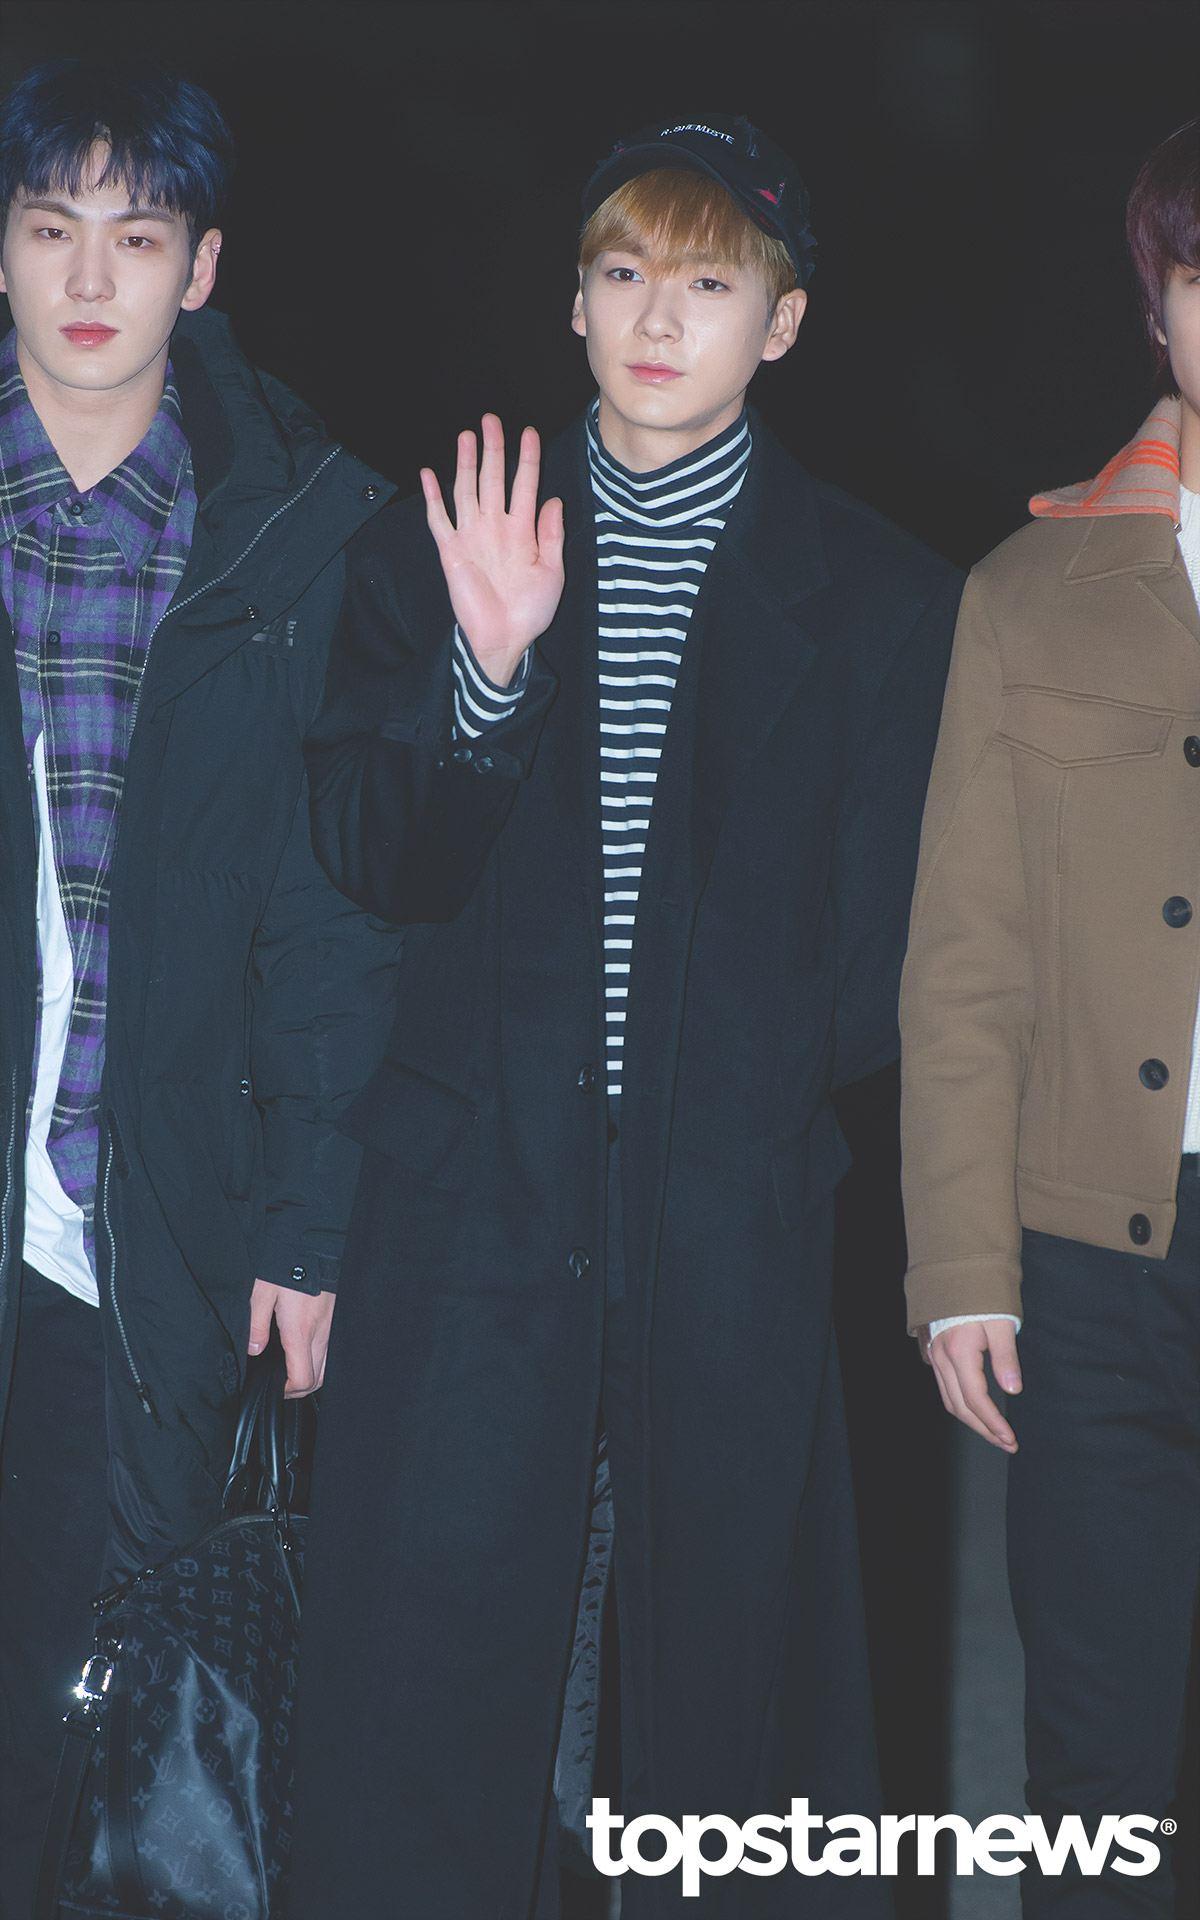 大哥Aron則是選擇百搭黑白條紋上衣配上黑色長大衣與鴨舌帽,深色系列的穿搭給人感覺成熟穩重,但搭配帽子又不會顯得這麼嚴肅~